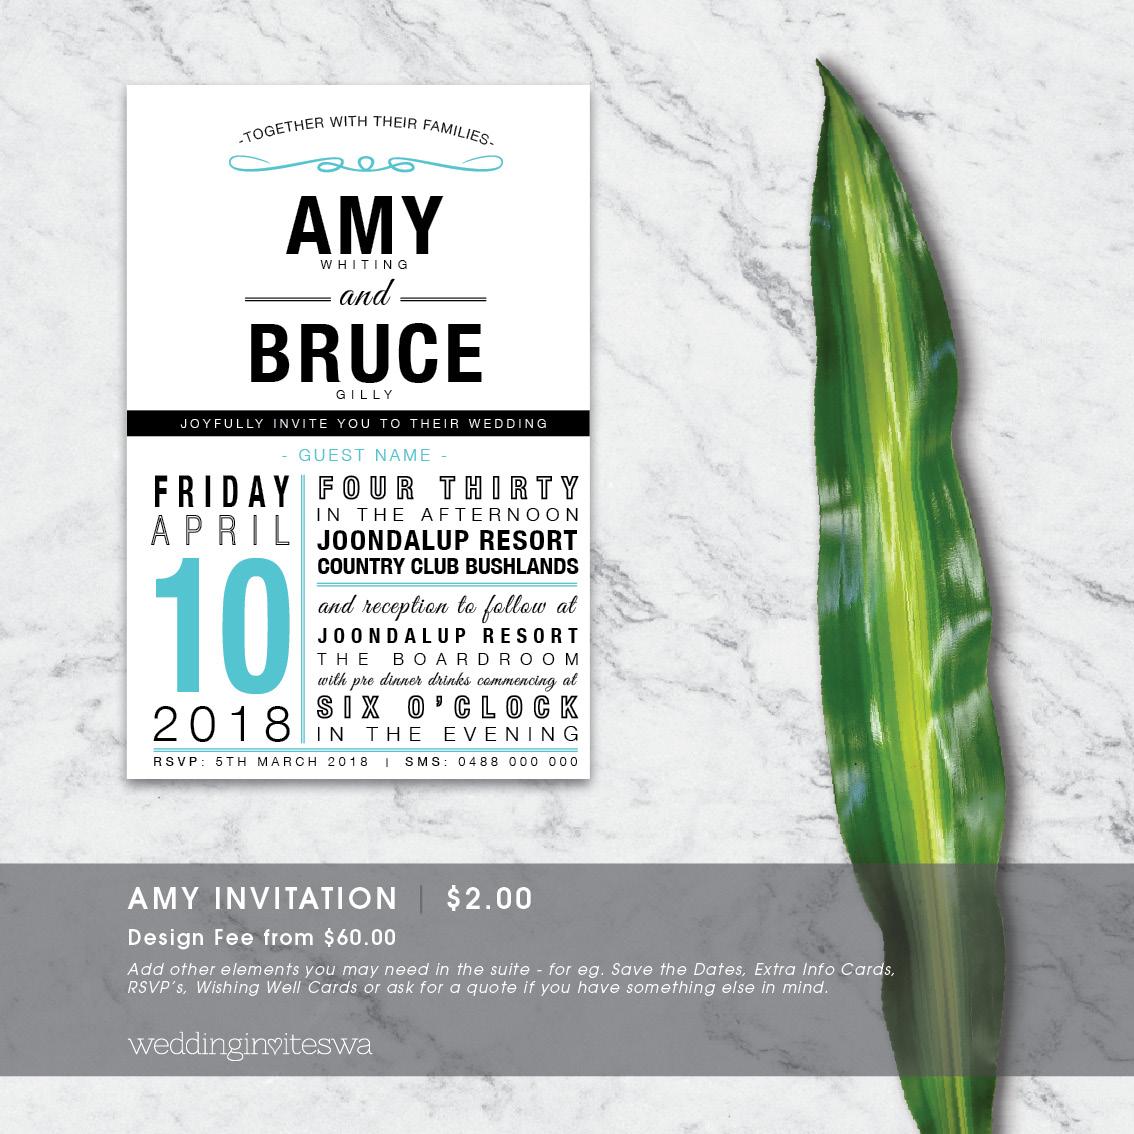 AMY_invite